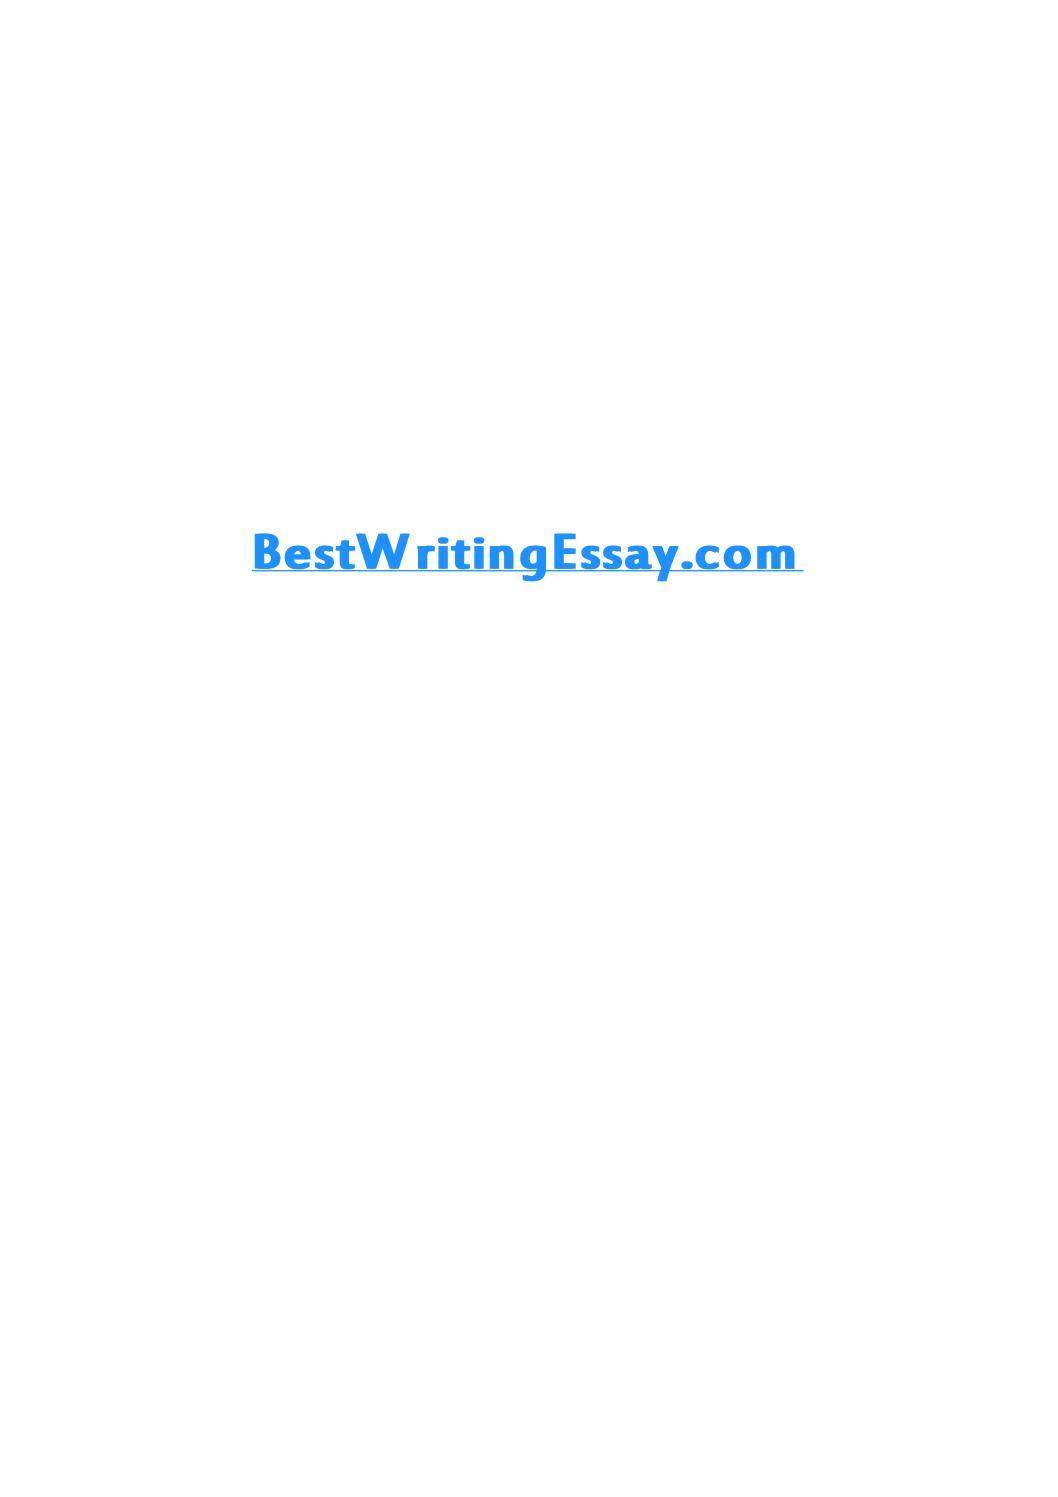 Custom custom essay writers services au